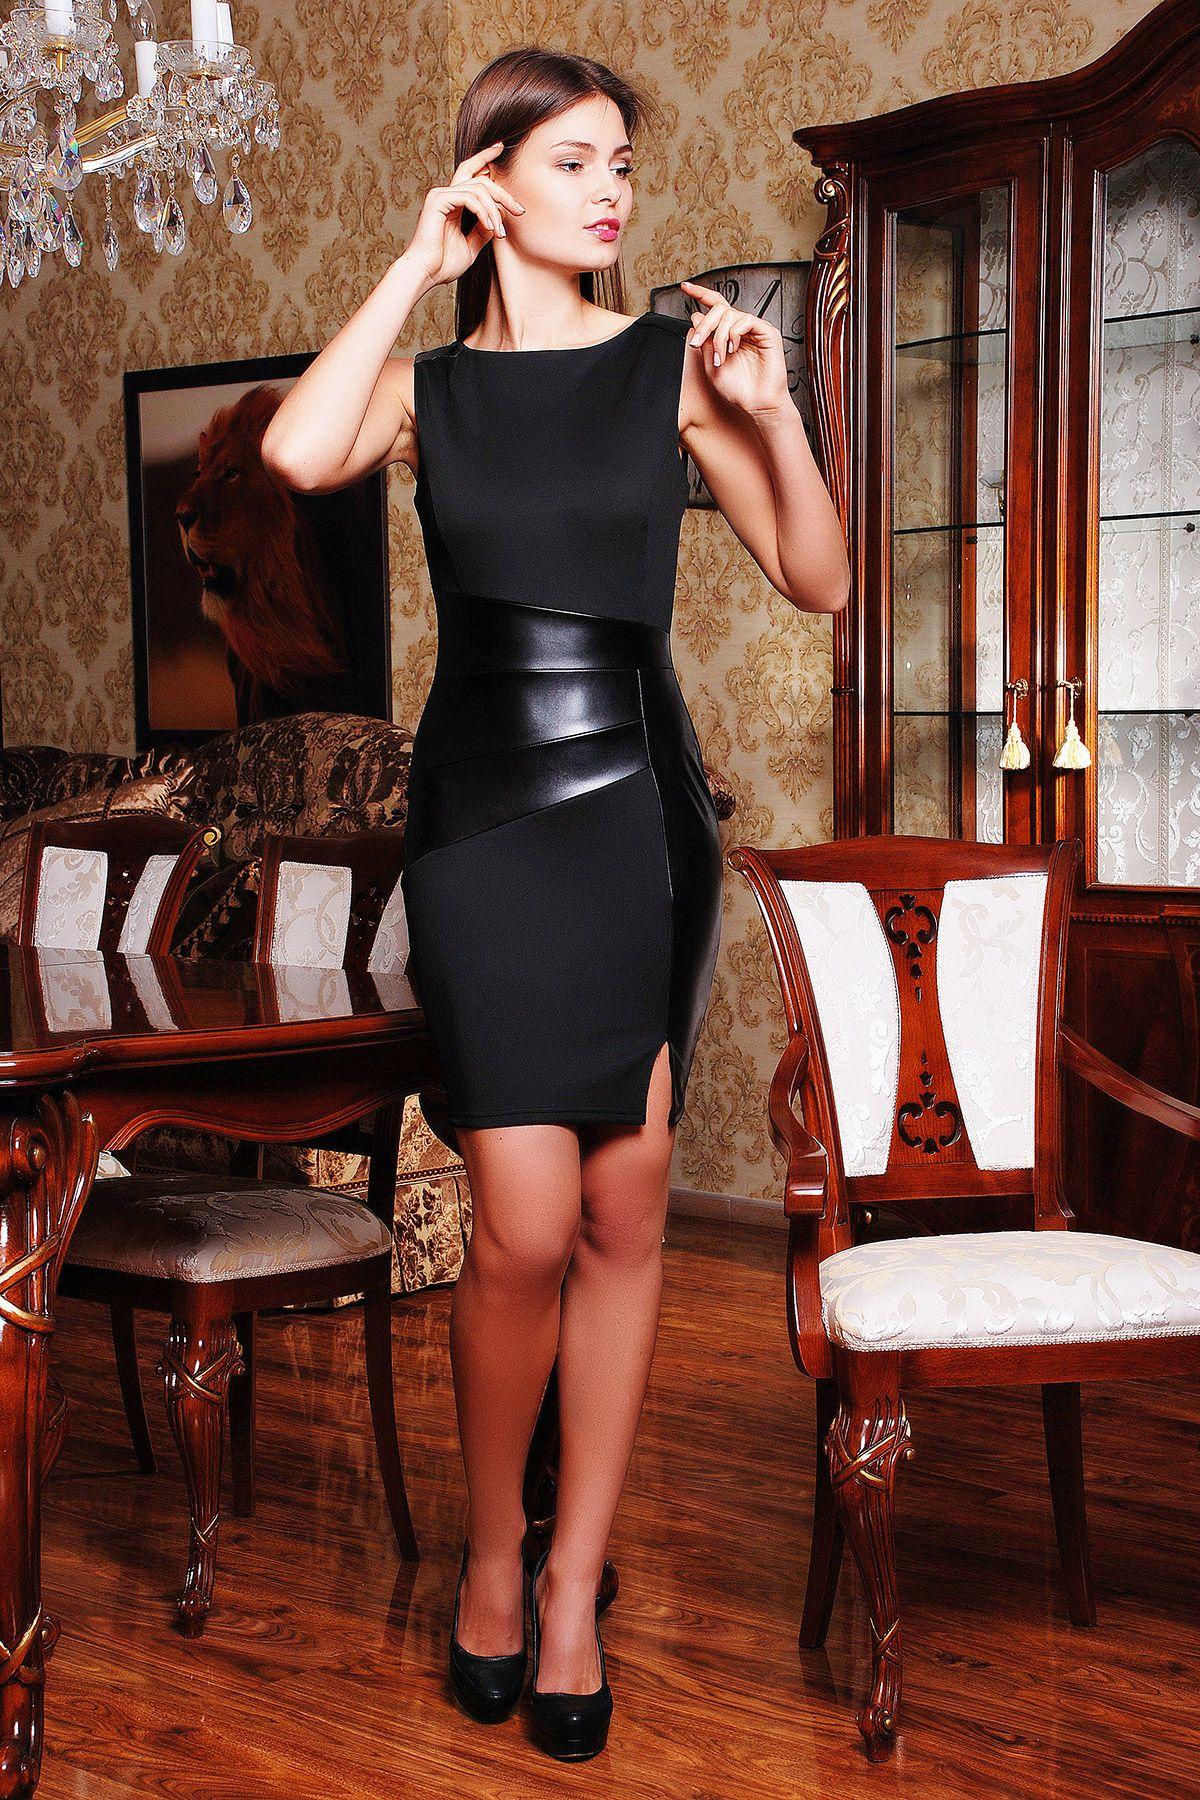 38a46b9882e Элегантное платье черного цвета на весну-лето со вставками из экокожи.  платье Тина б р. Цвет  черный-черная кожа